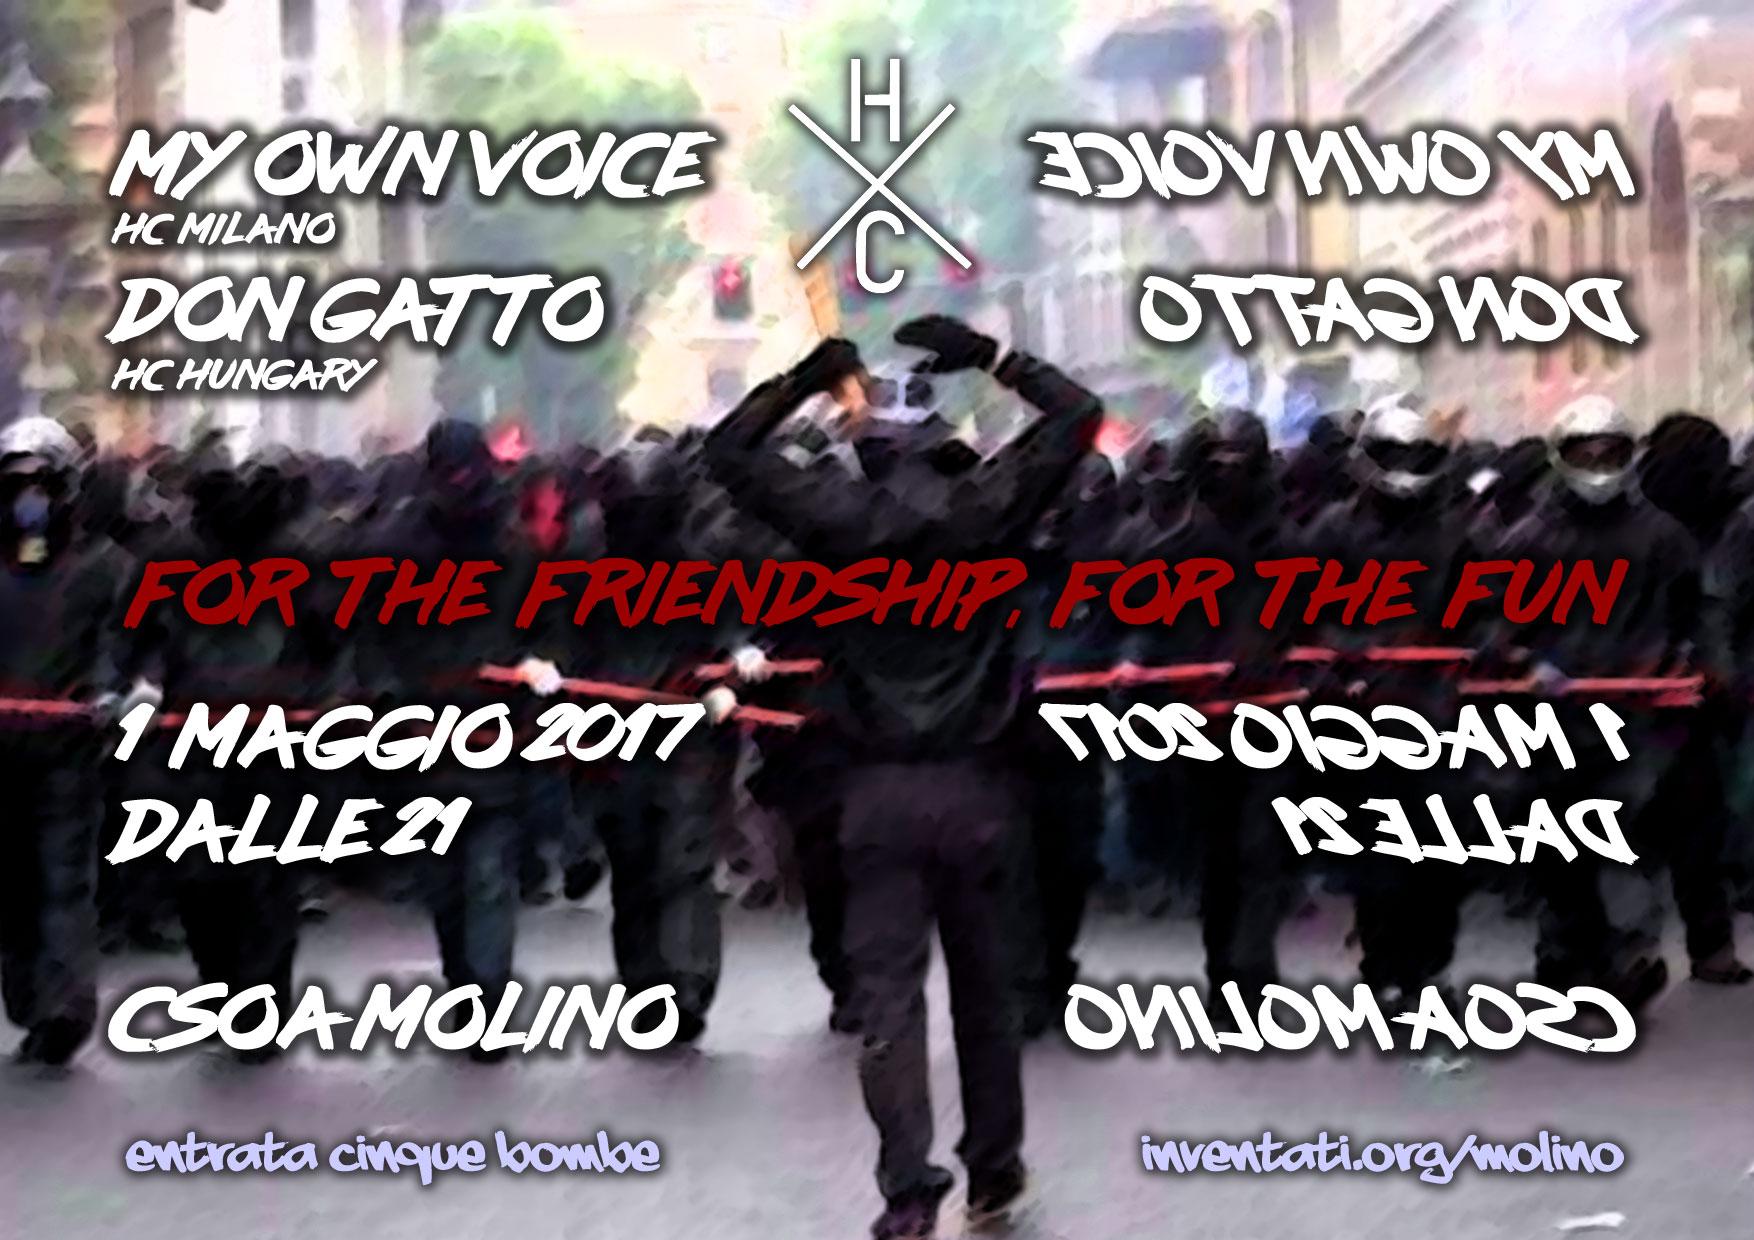 Primo Maggio 2017 - For The Friendhip, For The Fun